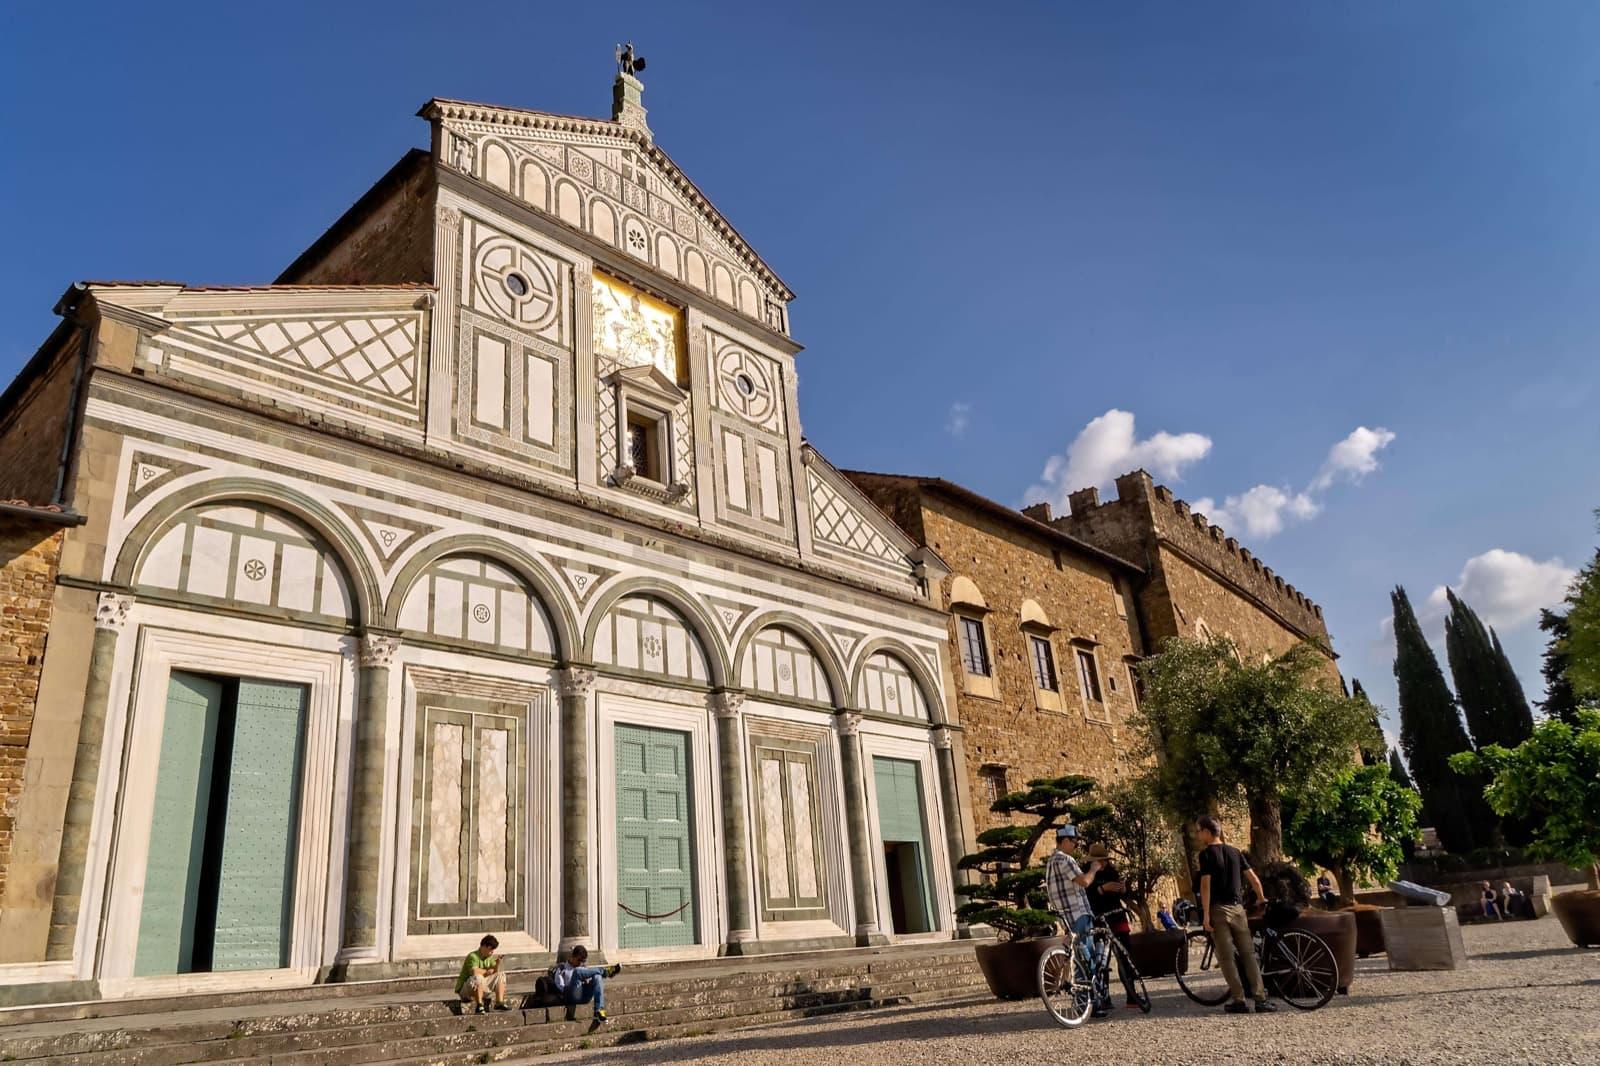 Firenze, San Miniato al Monte - Roads of Dante